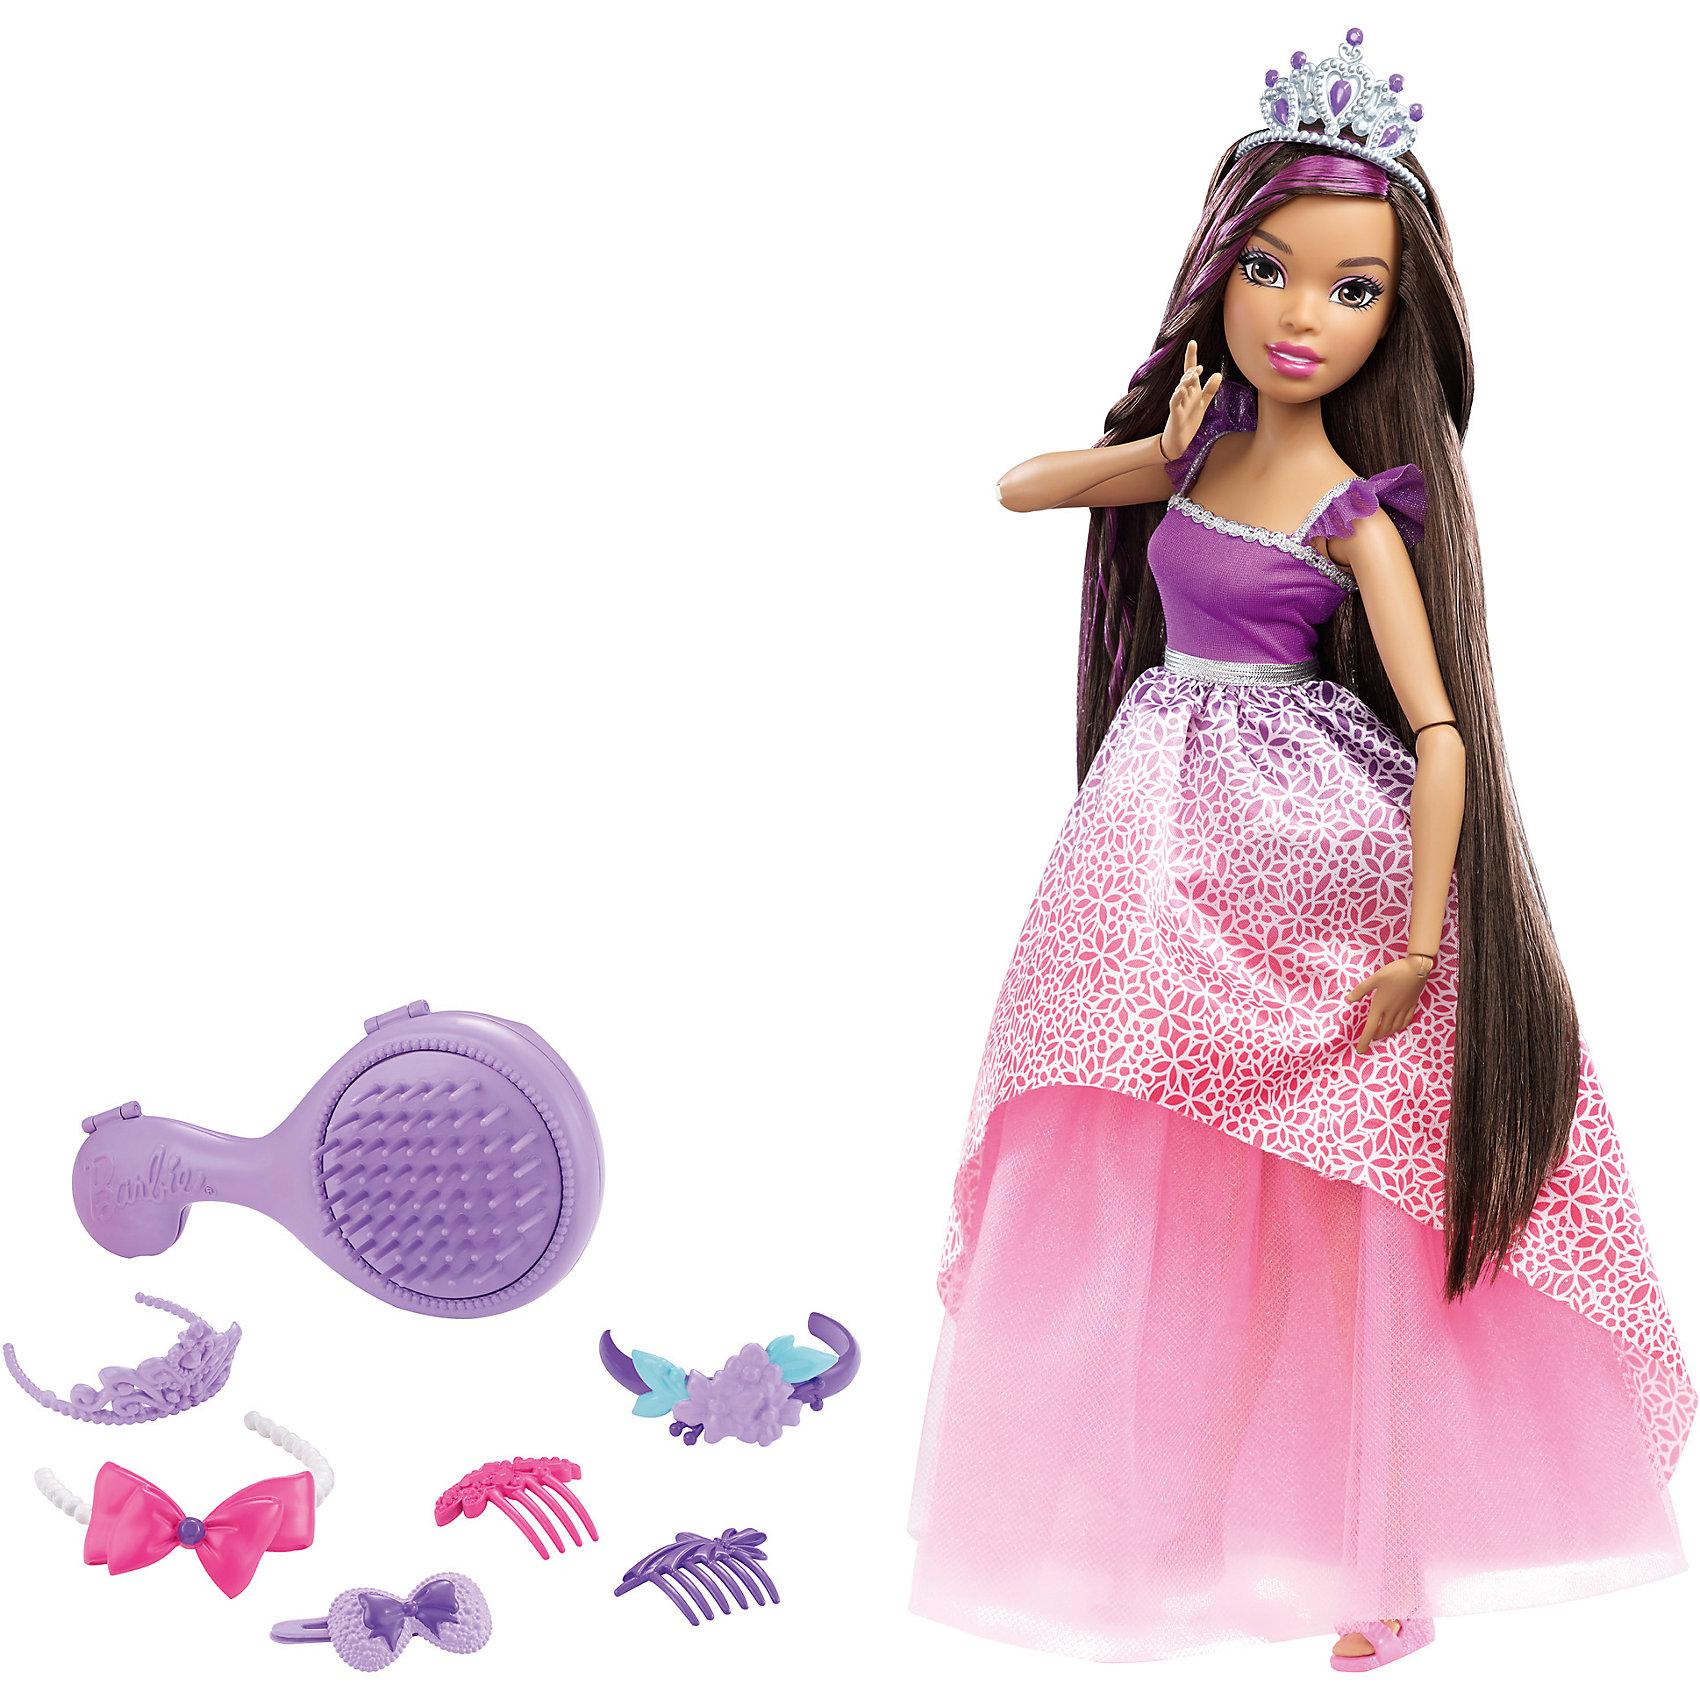 Кукла большого размера с длинными волосами, BarbieПопулярные игрушки<br>Куклы большого размера с длинными волосами, Barbie, в ассортименте от Mattel (Маттел) ? новая линейка кукол Барби с длинными волосами и аксессуарами для волос. Куклы этой серии выполнены из безопасного и качественного пластика, части тела ? на шарнирах, что позволяет придавать разнообразные позы. <br>У Barbie длинные густые волосы темного цвета, из которых можно делать огромное количество причесок. Кукла одета в праздничное платье: сиреневый лиф платья украшен тесьмой, низ платья состоит из двух юбок – нижняя пышная юбка розового цвета, верхняя розовая с цветочным принтом. На ногах розовые босоножки. В комплекте с куклой имеется расческа-шкатулка, 3 заколки розового и сиреневого цвета, 2 заколки гребня, 1 повязка-баррета и тиара. <br>Куклы большого размера с длинными волосами, Barbie, в ассортименте от Mattel (Маттел) ? идеальный подарок для девочки к любому торжеству.<br><br>Дополнительная информация:<br><br>- Вид игр: сюжетно-ролевые <br>- Предназначение: для дома<br>- Комплектация: кукла, аксессуары <br>- Материал: пластик, резина, текстиль<br>- Размеры (Д*Ш*В): 9,5*35,5*32,5 см, высота куклы 43 см<br>- Вес: 950 г<br>- Особенности ухода: куклу и аксессуары можно мыть в теплой мыльной воде<br><br>Подробнее:<br><br>• Для детей в возрасте: от 3 лет и до 12 лет<br>• Страна производитель: Индонезия<br>• Торговый бренд: Barbie<br><br>Куклы большого размера с длинными волосами, Barbie, в ассортименте от Mattel (Маттел) можно купить в нашем интернет-магазине.<br><br>Ширина мм: 95<br>Глубина мм: 355<br>Высота мм: 325<br>Вес г: 950<br>Возраст от месяцев: 36<br>Возраст до месяцев: 144<br>Пол: Женский<br>Возраст: Детский<br>SKU: 4915801